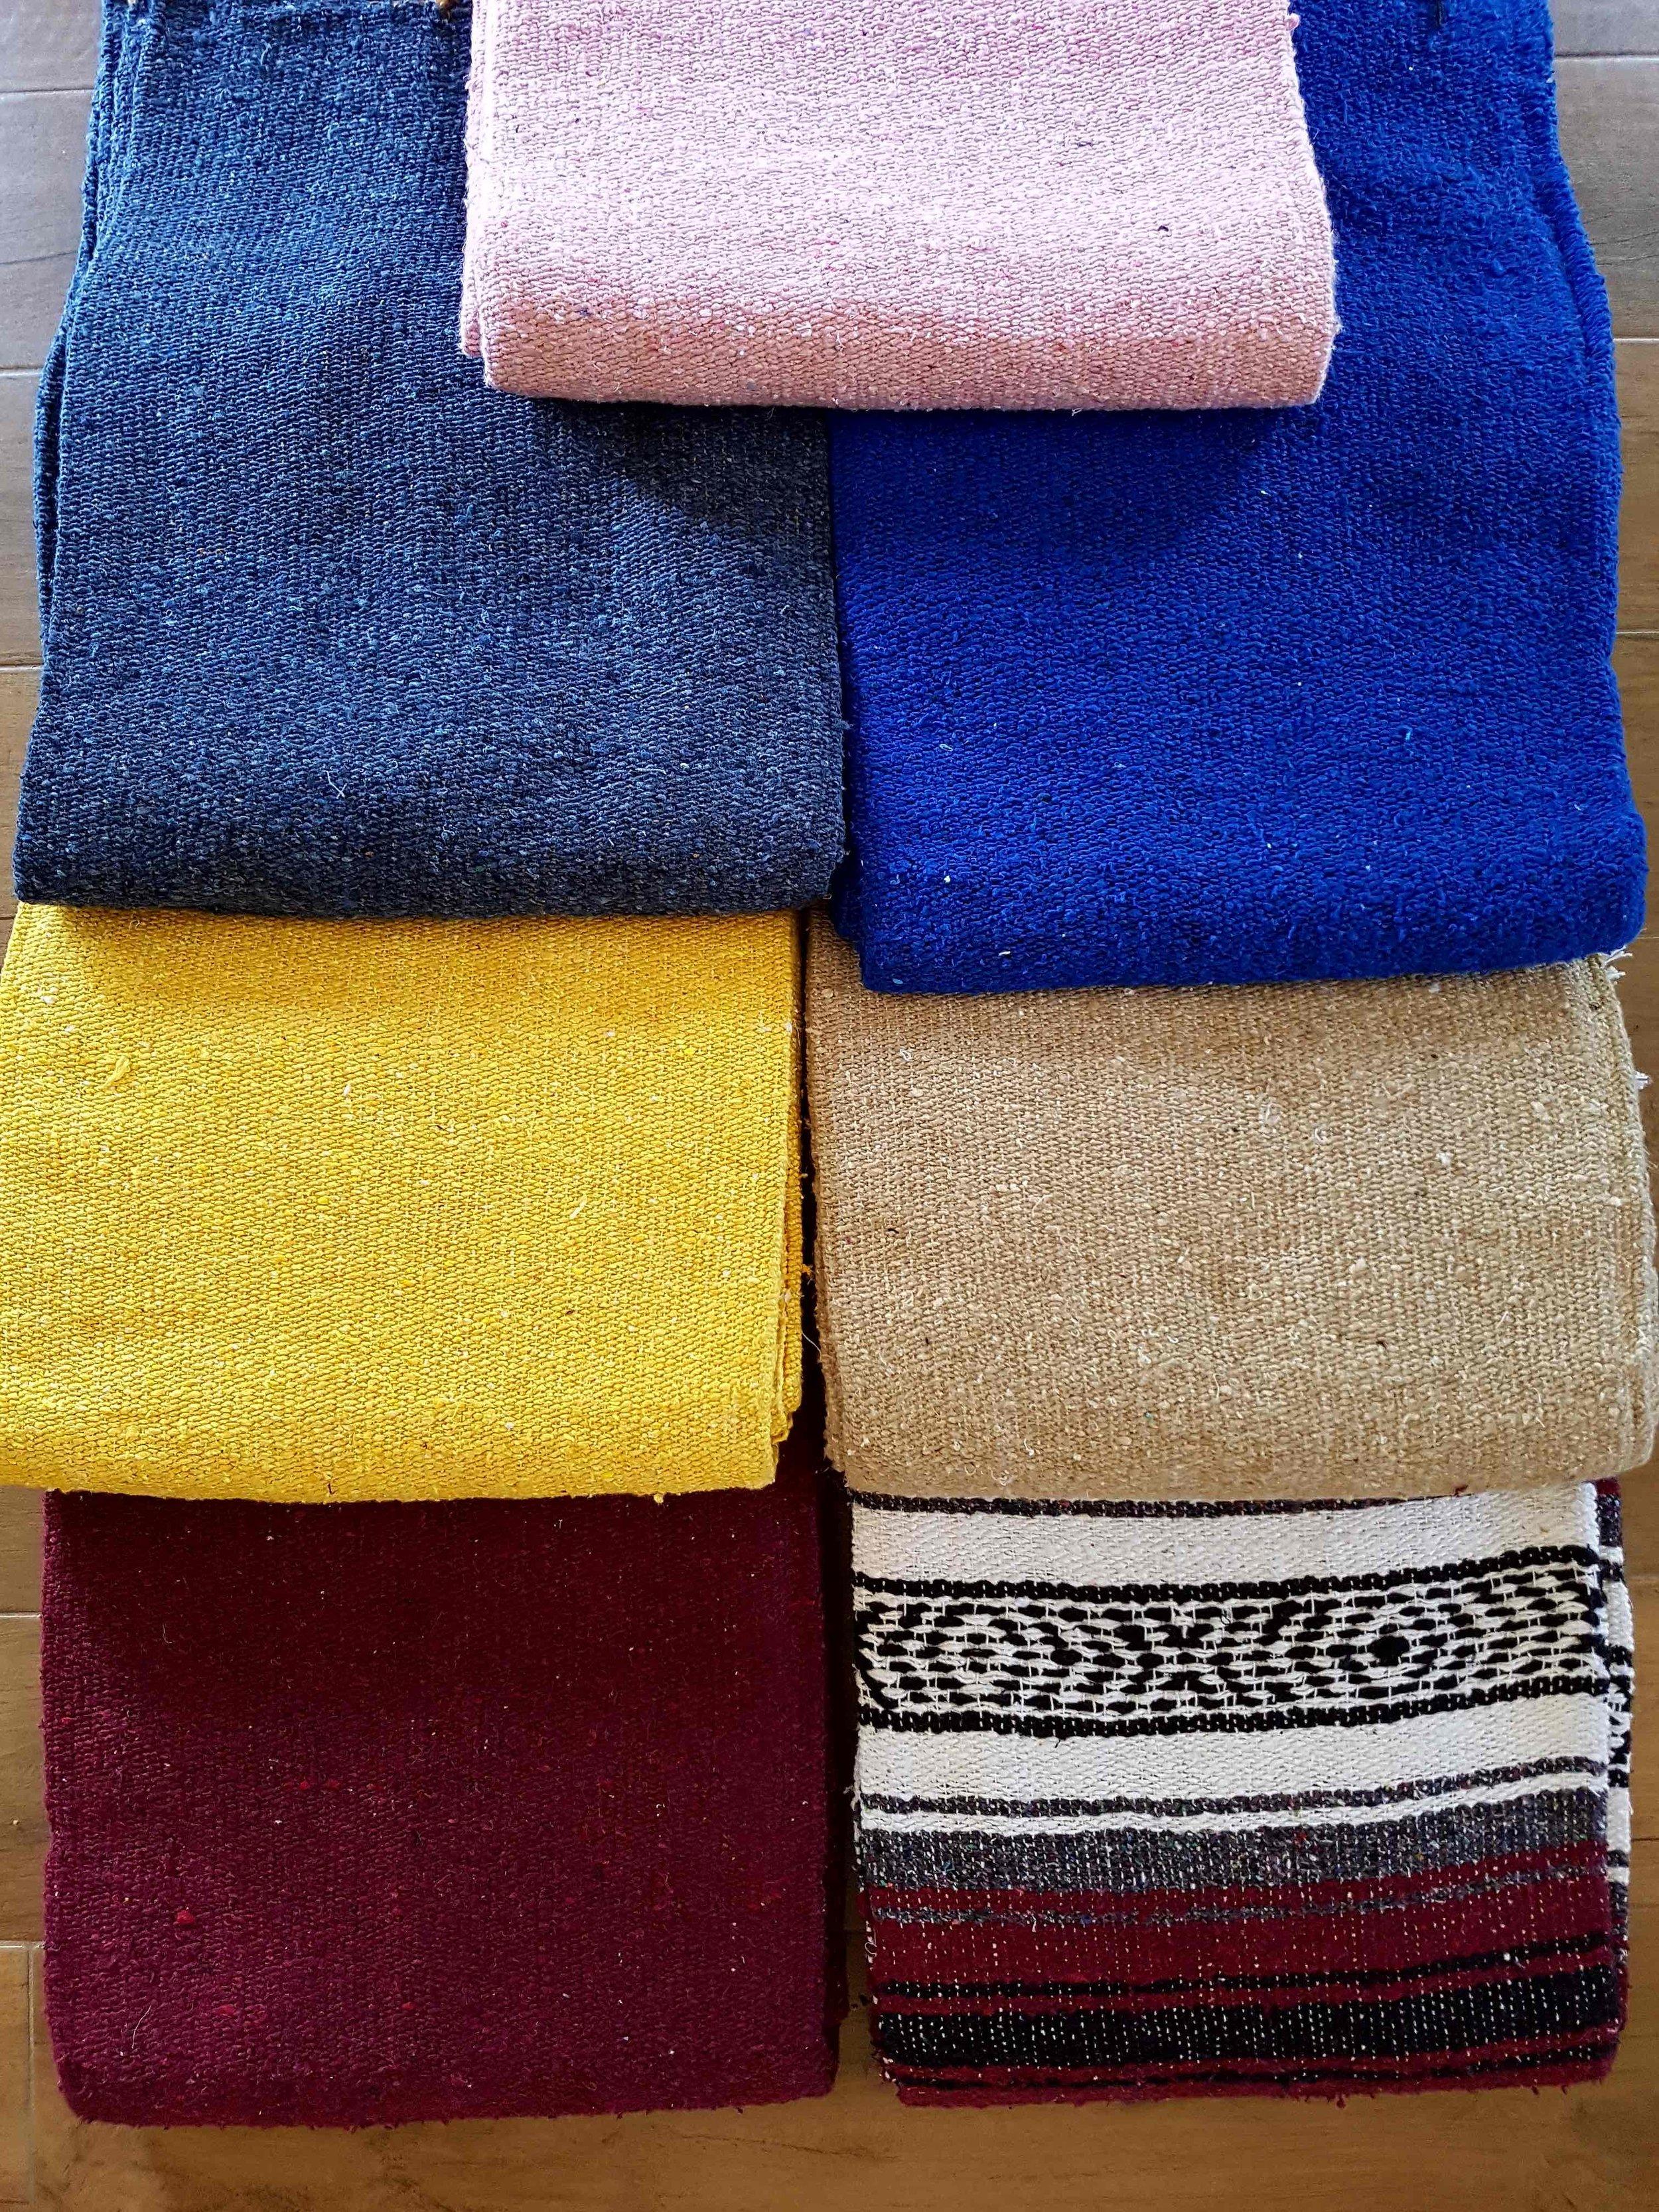 Couvertures de Yoga - Couverture motif Mexicain 36 € TTCCouverture épaisse Deluxe 42€ TTCCouverture idéale pour caler sous les épaules et protéger la nuque dans les postures inversées. Chaude et douce pour la relaxation. En coton.En stock : bleu roi franges noires / jaune soleil franges blanches / rose bonbon franges blanches / bordeaux franges noires /indisponibles: beige / bleu chiné /bordeaux motif mexicain franges blanches